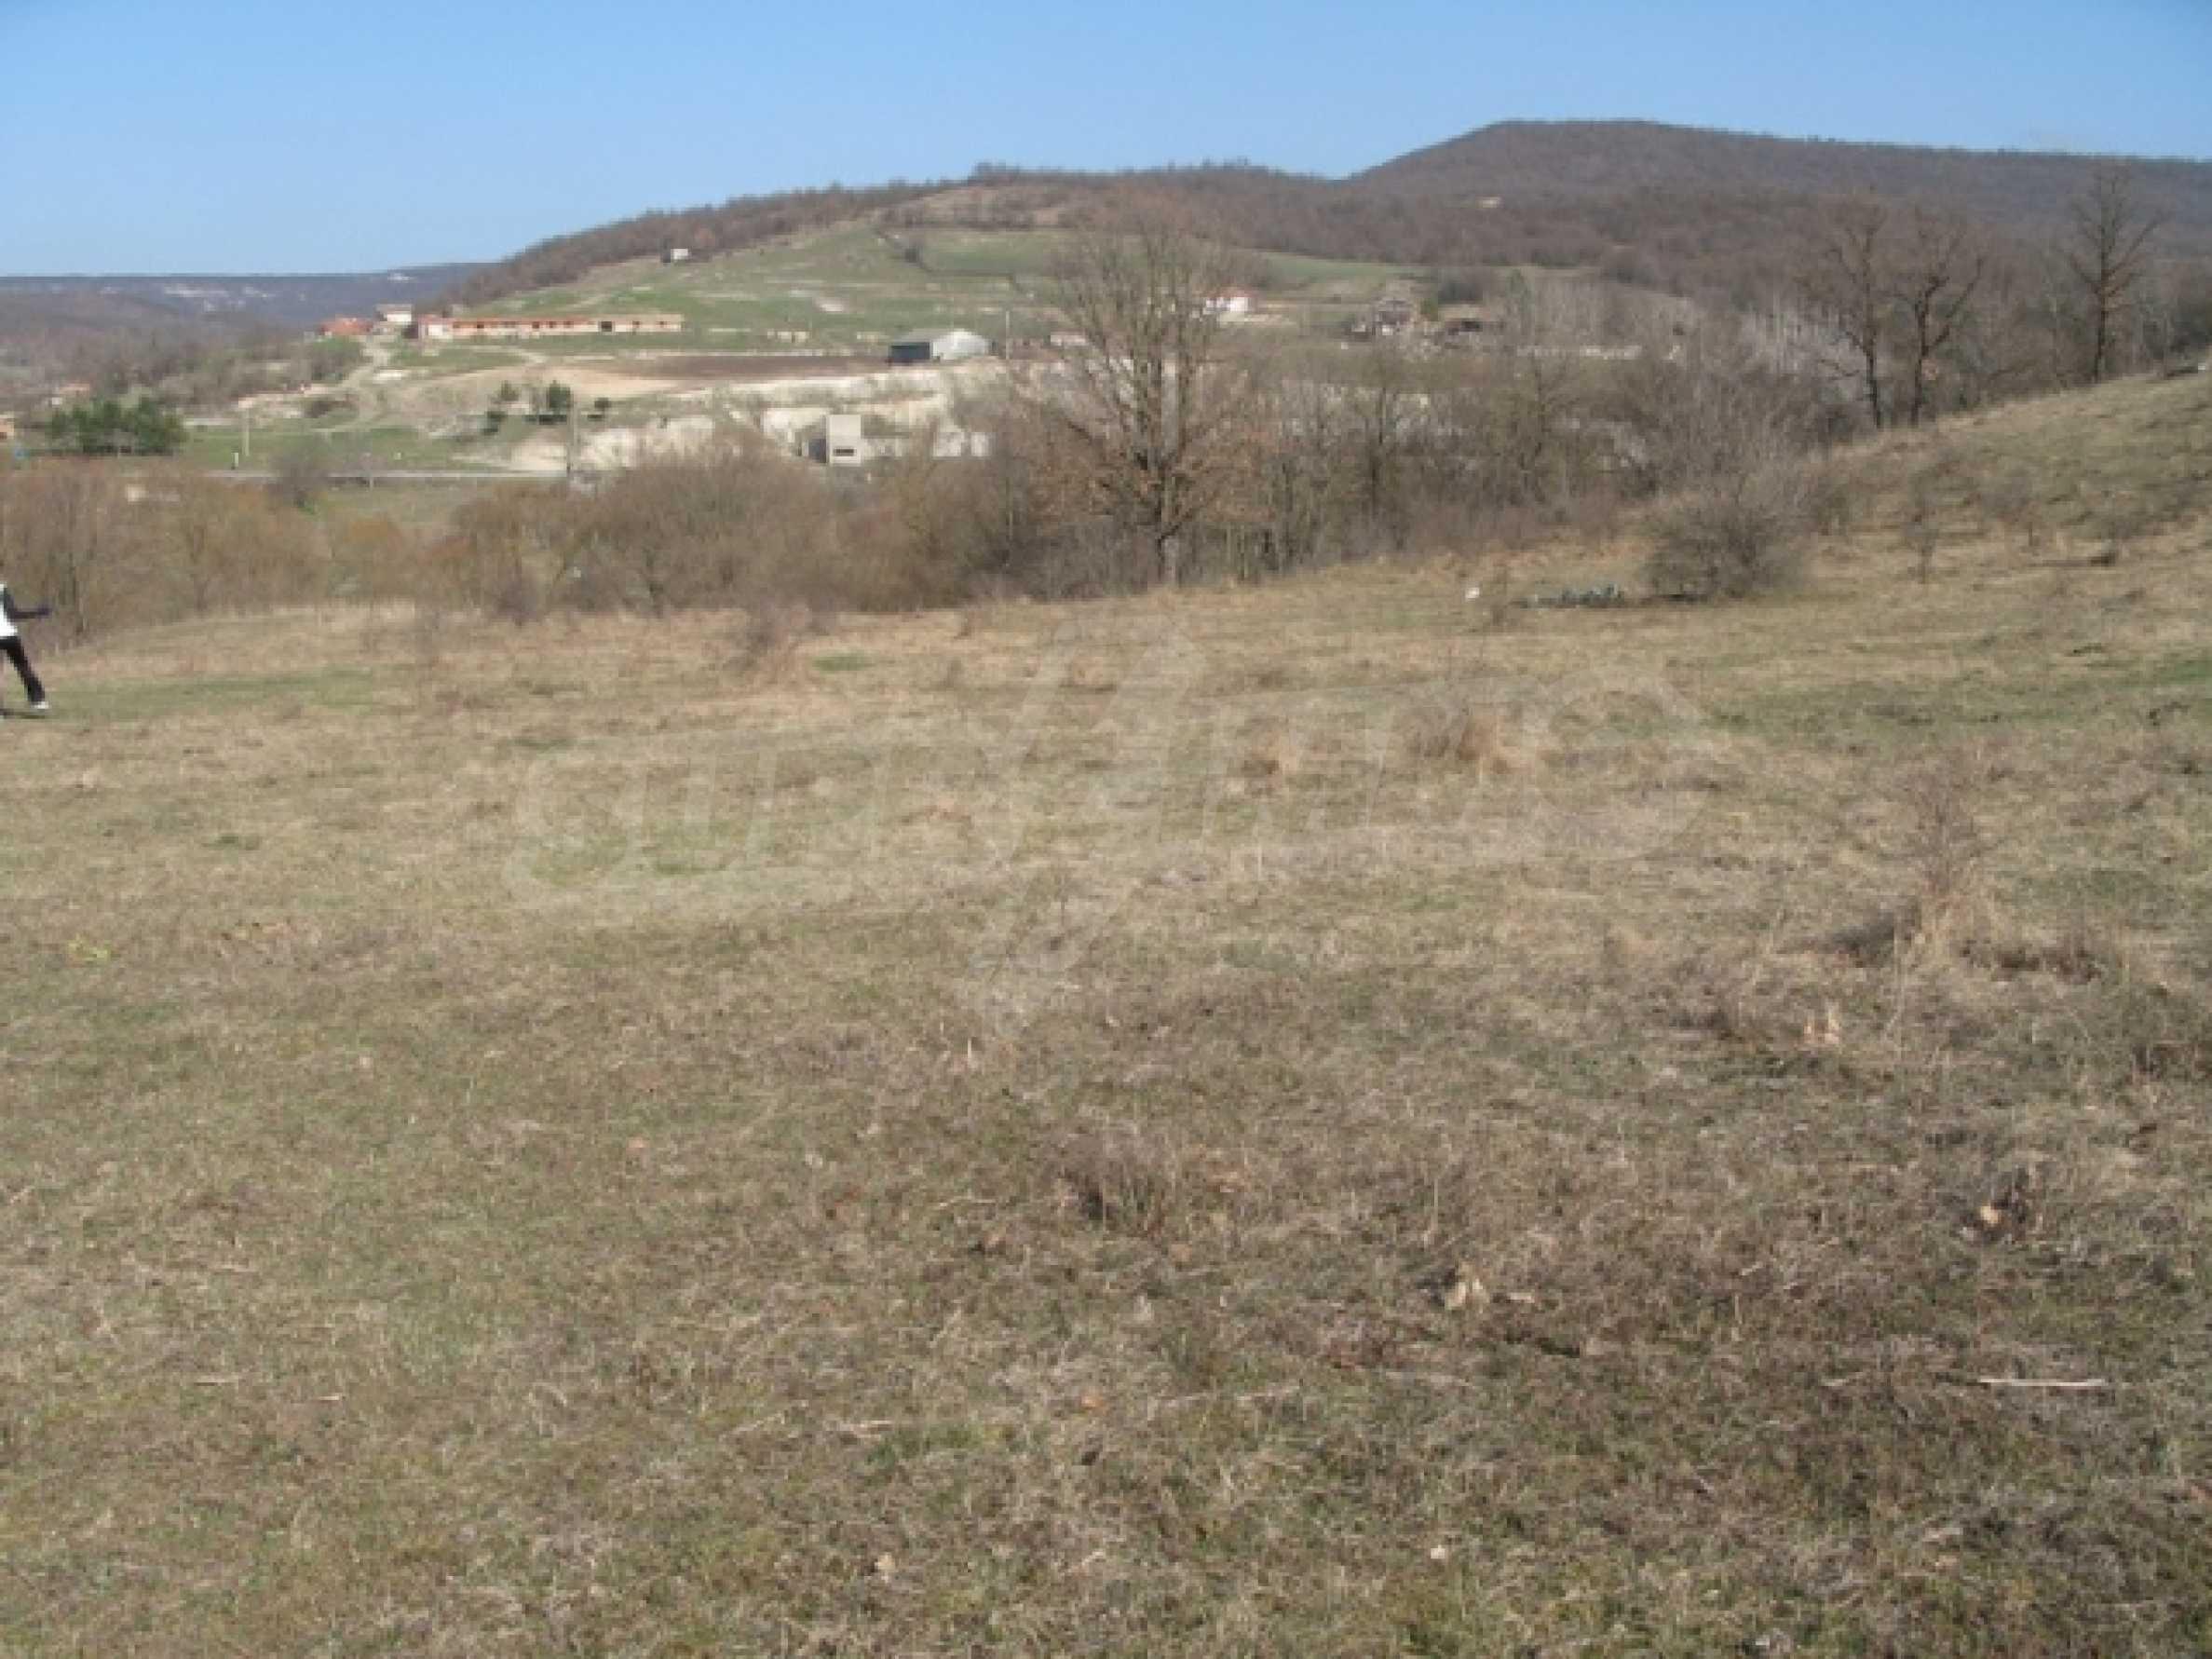 Продается участок площадью 46 500 кв.м. в 12 км от Албены 5